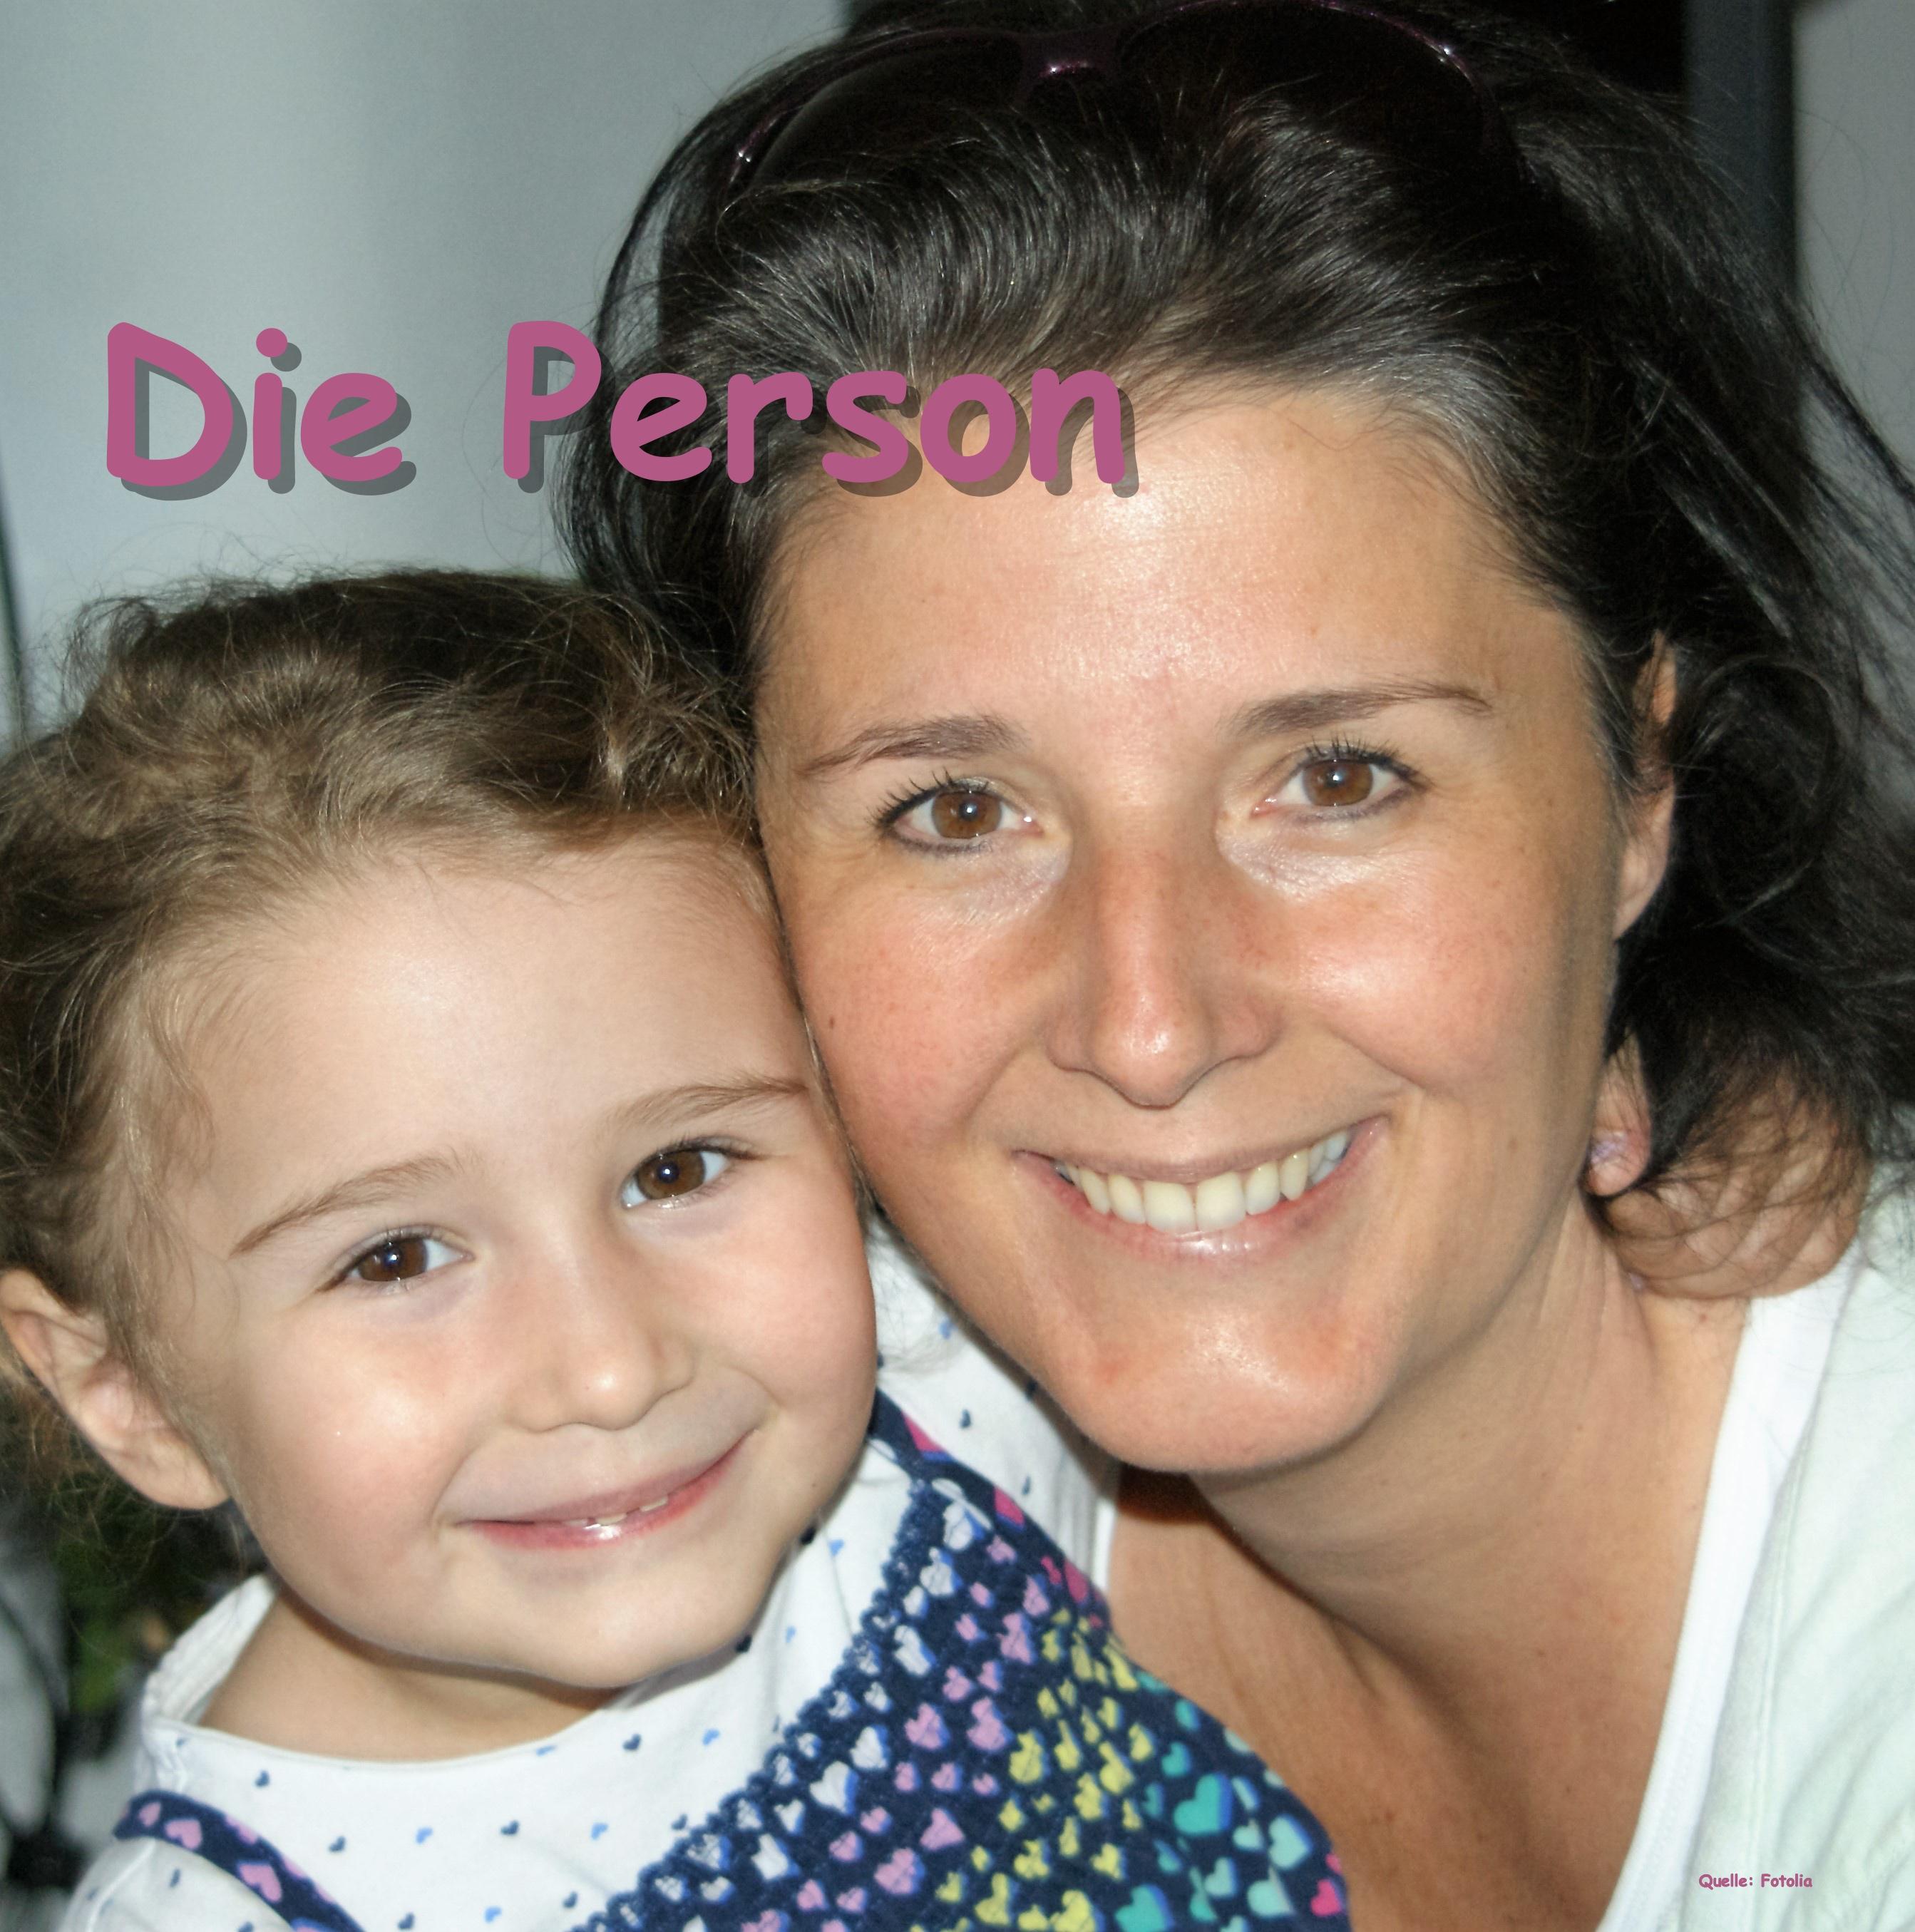 Die Person